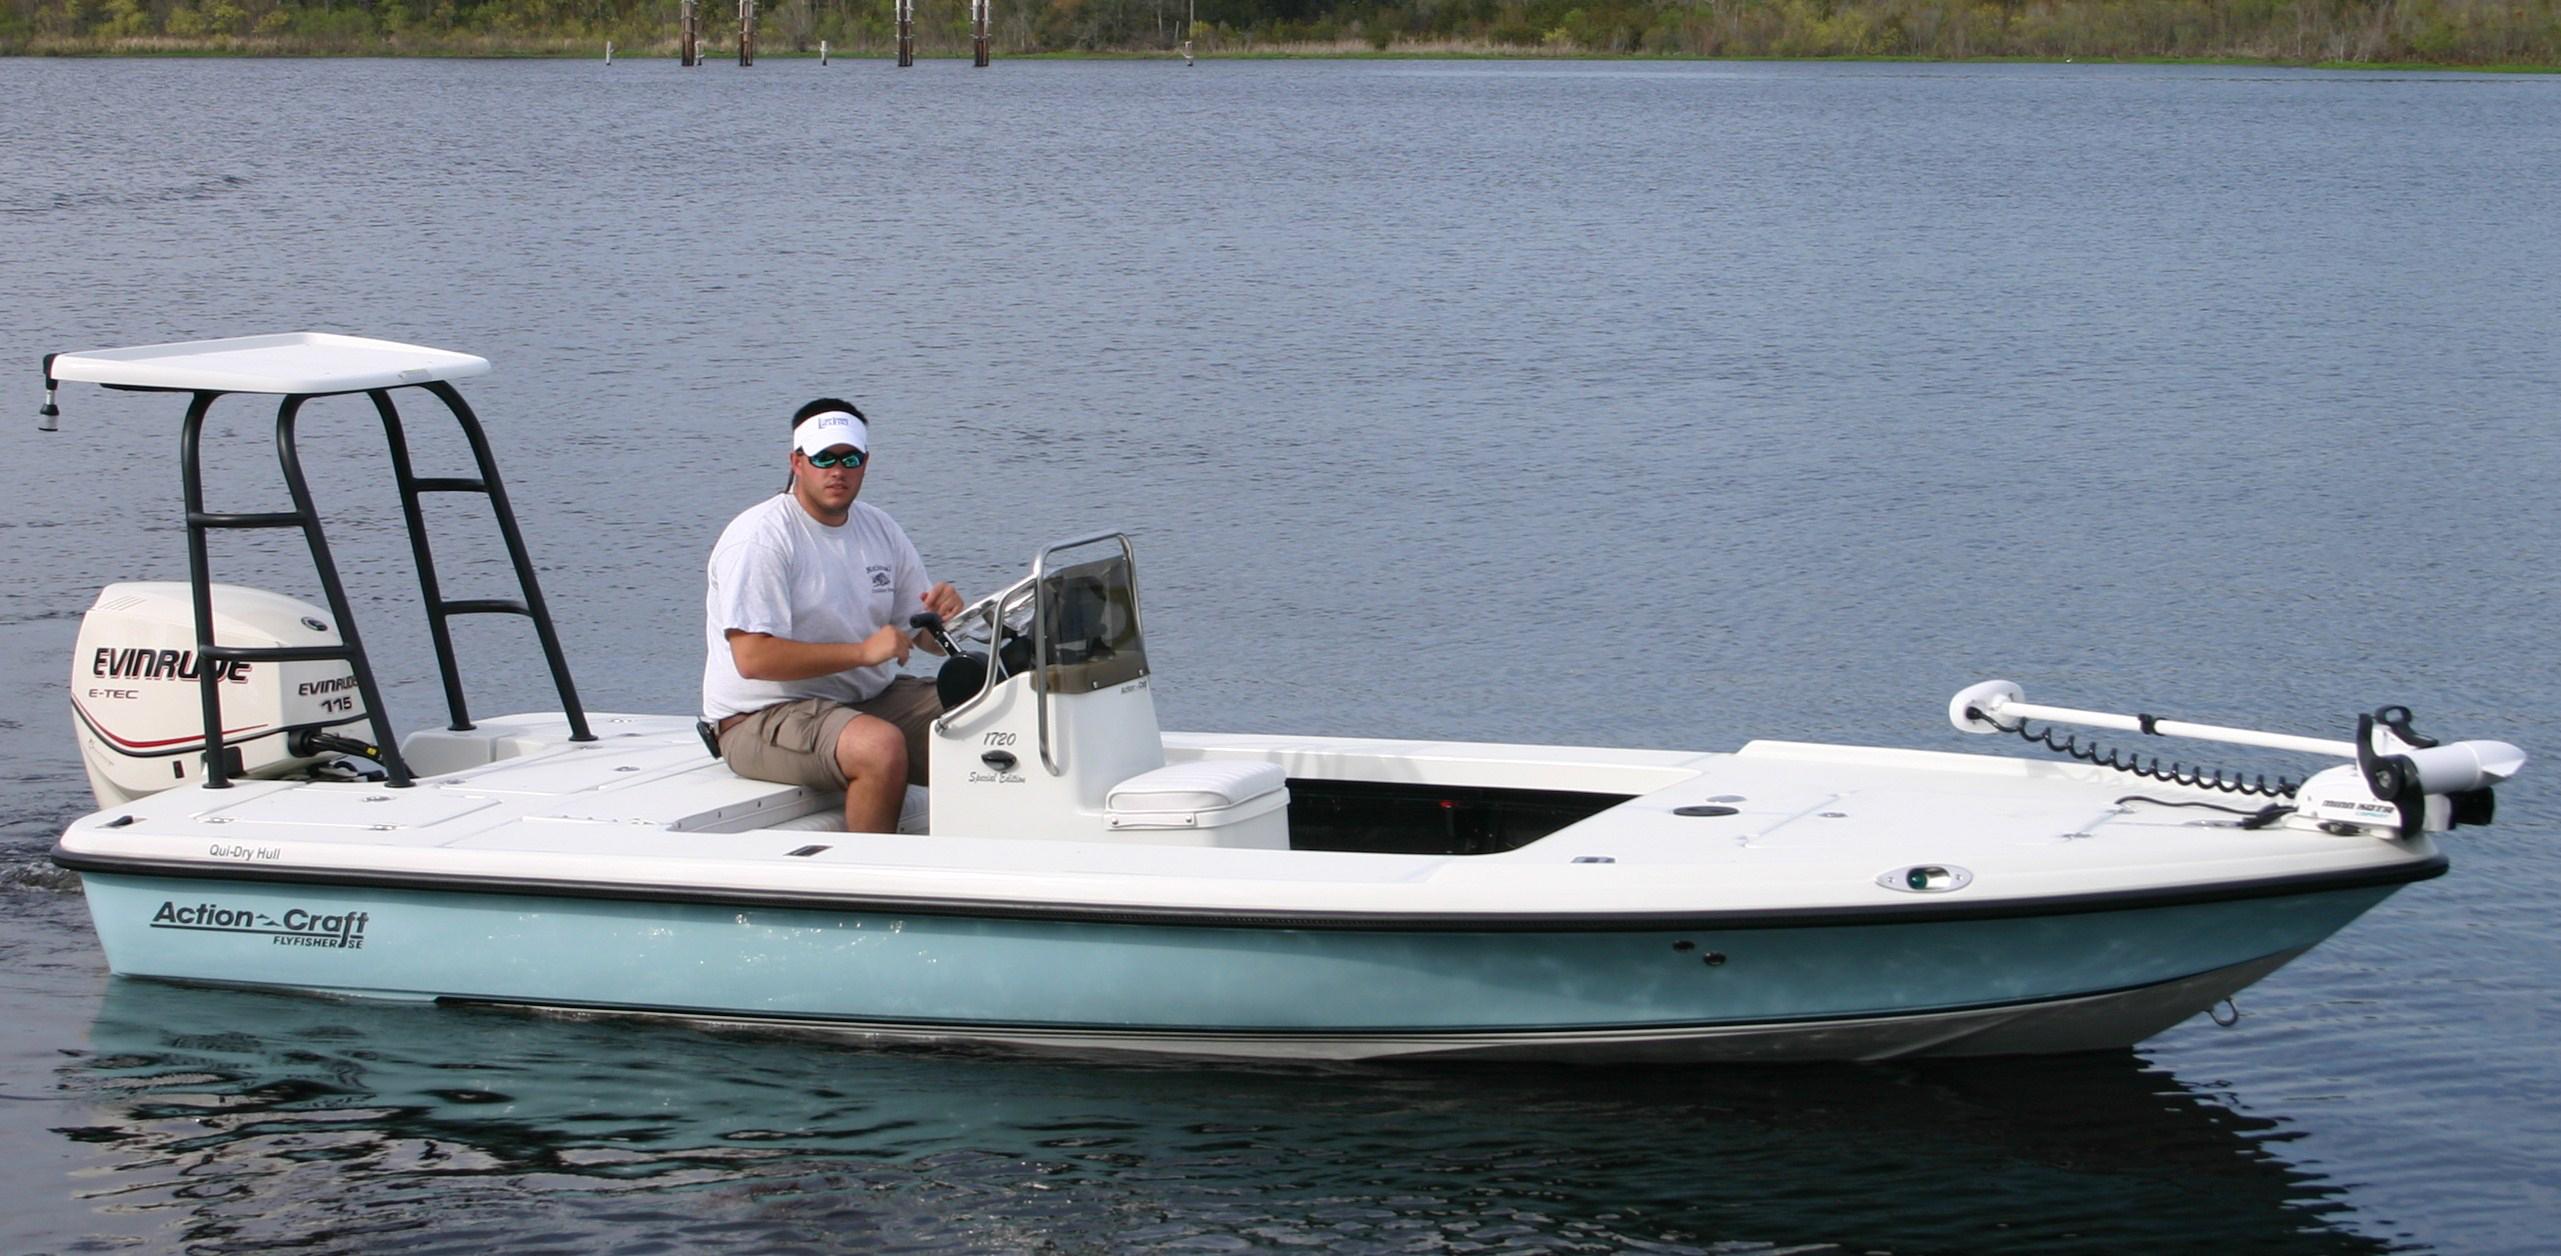 Tom's Boat